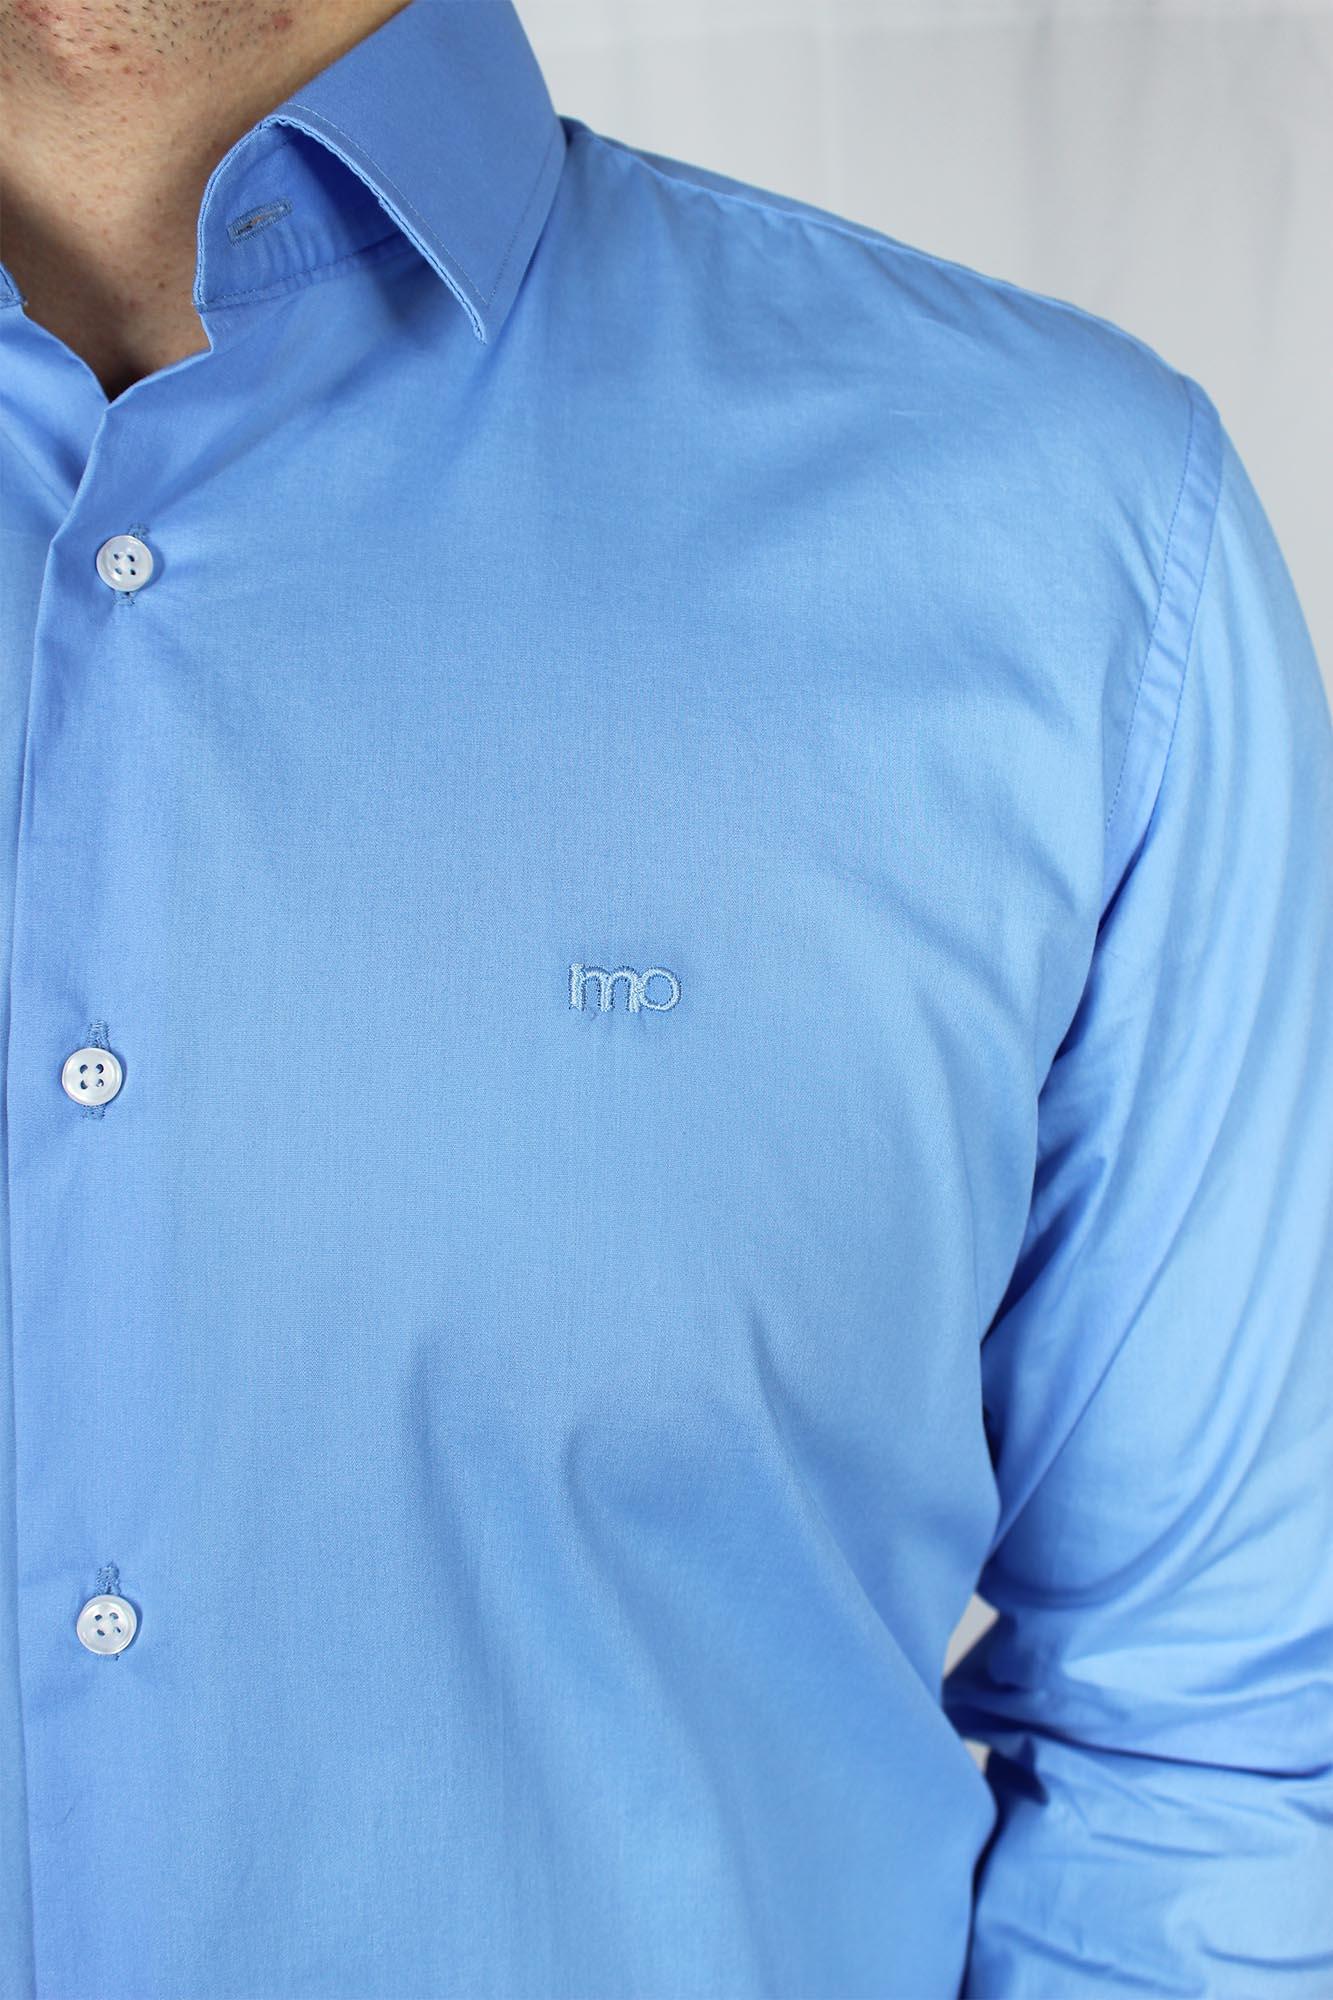 Camisa Social ML Comfort Básica MO Masculina - Azul